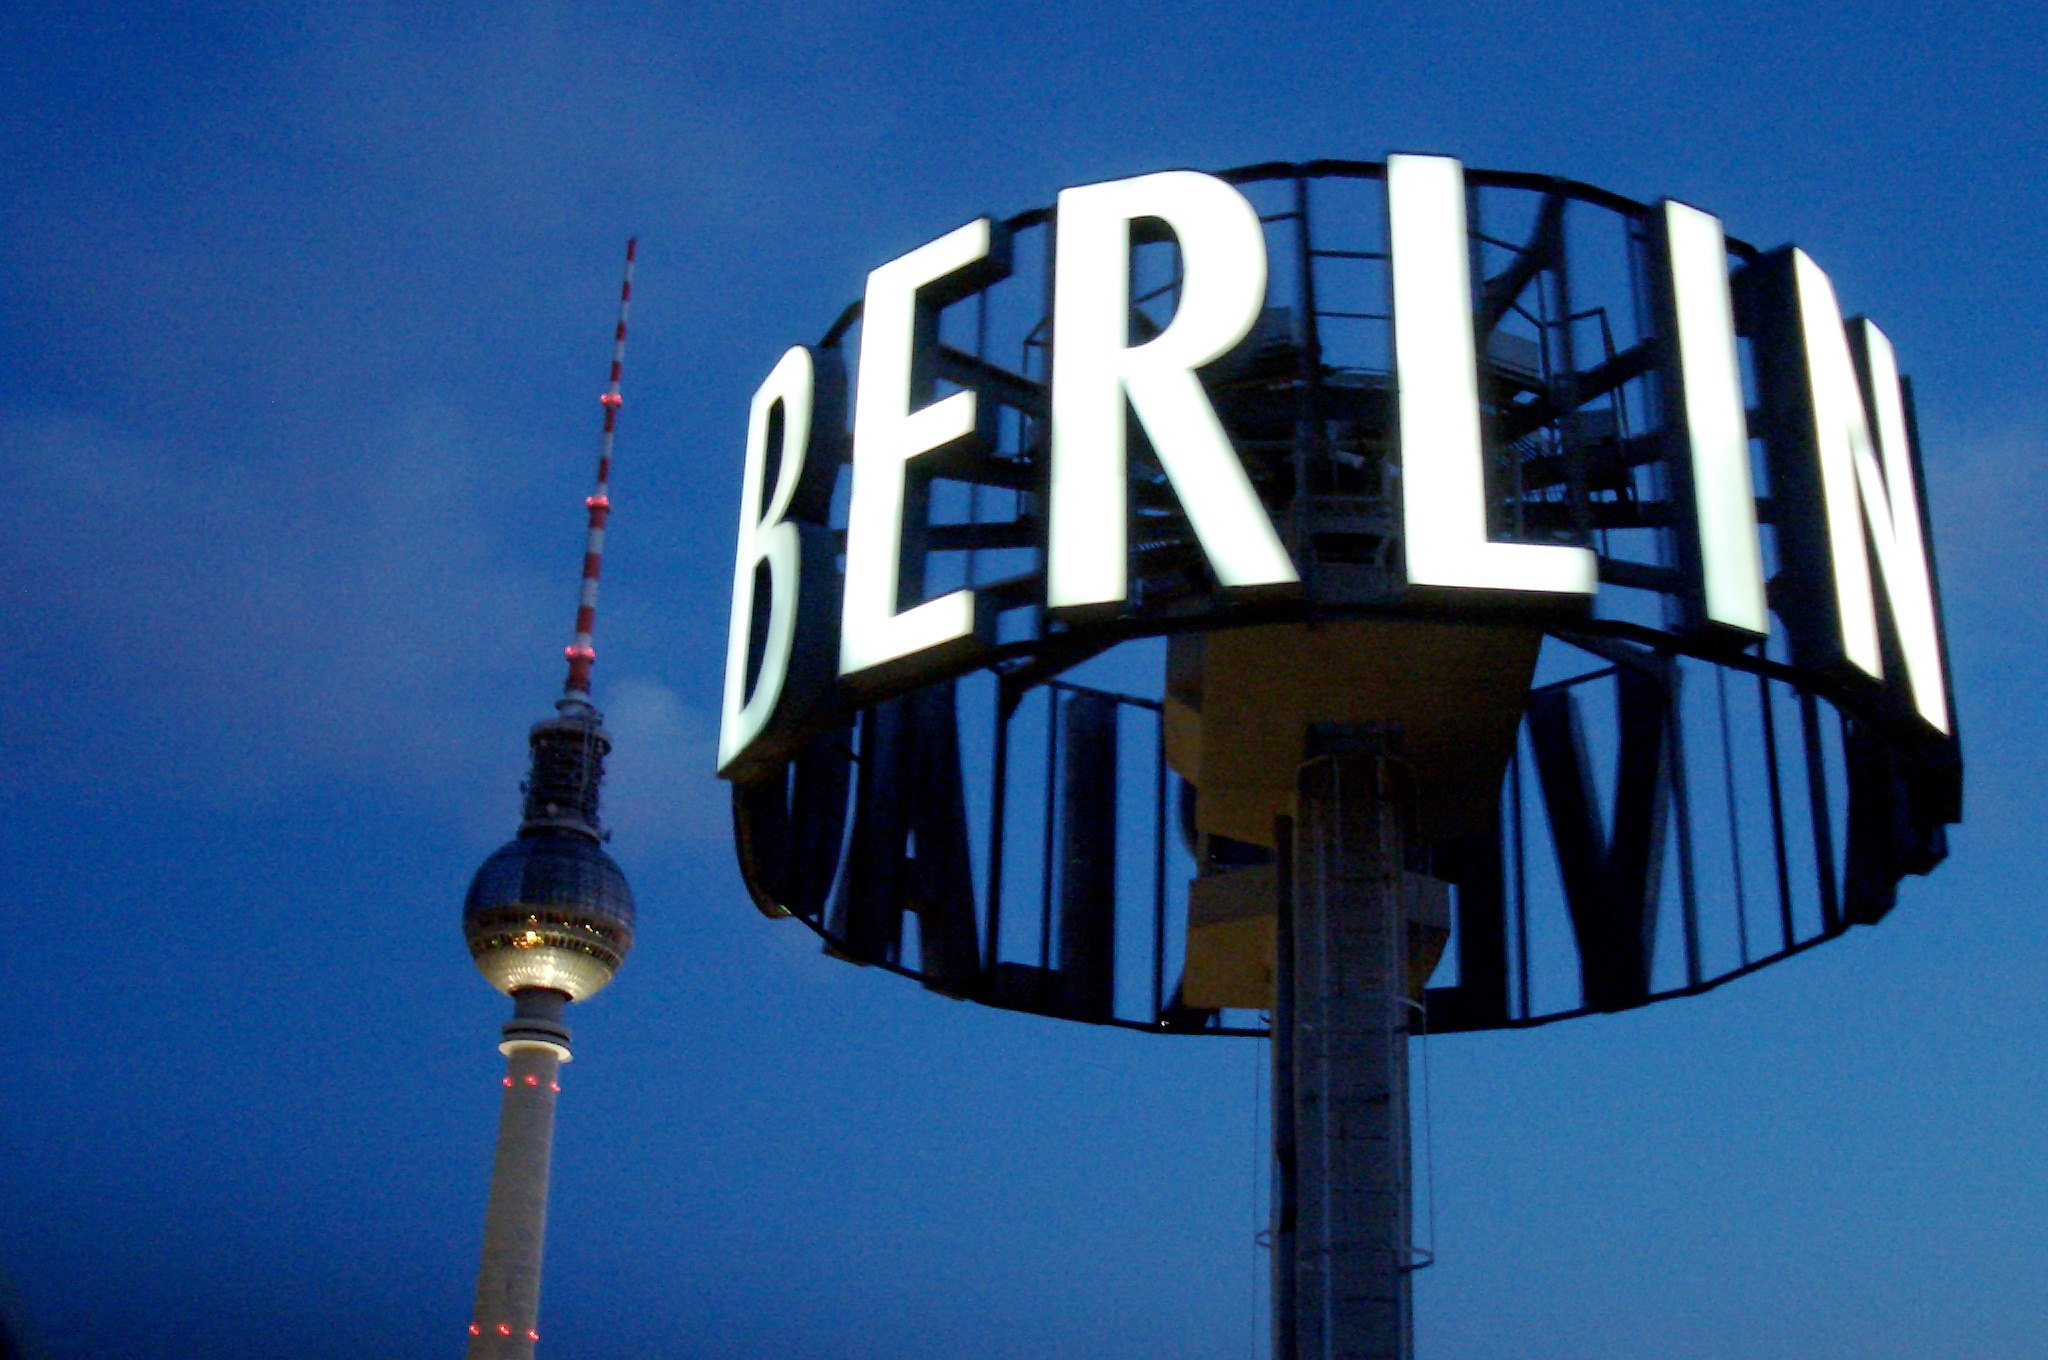 Alemania: La controversia rodea el nuevo aeropuerto de Berlín